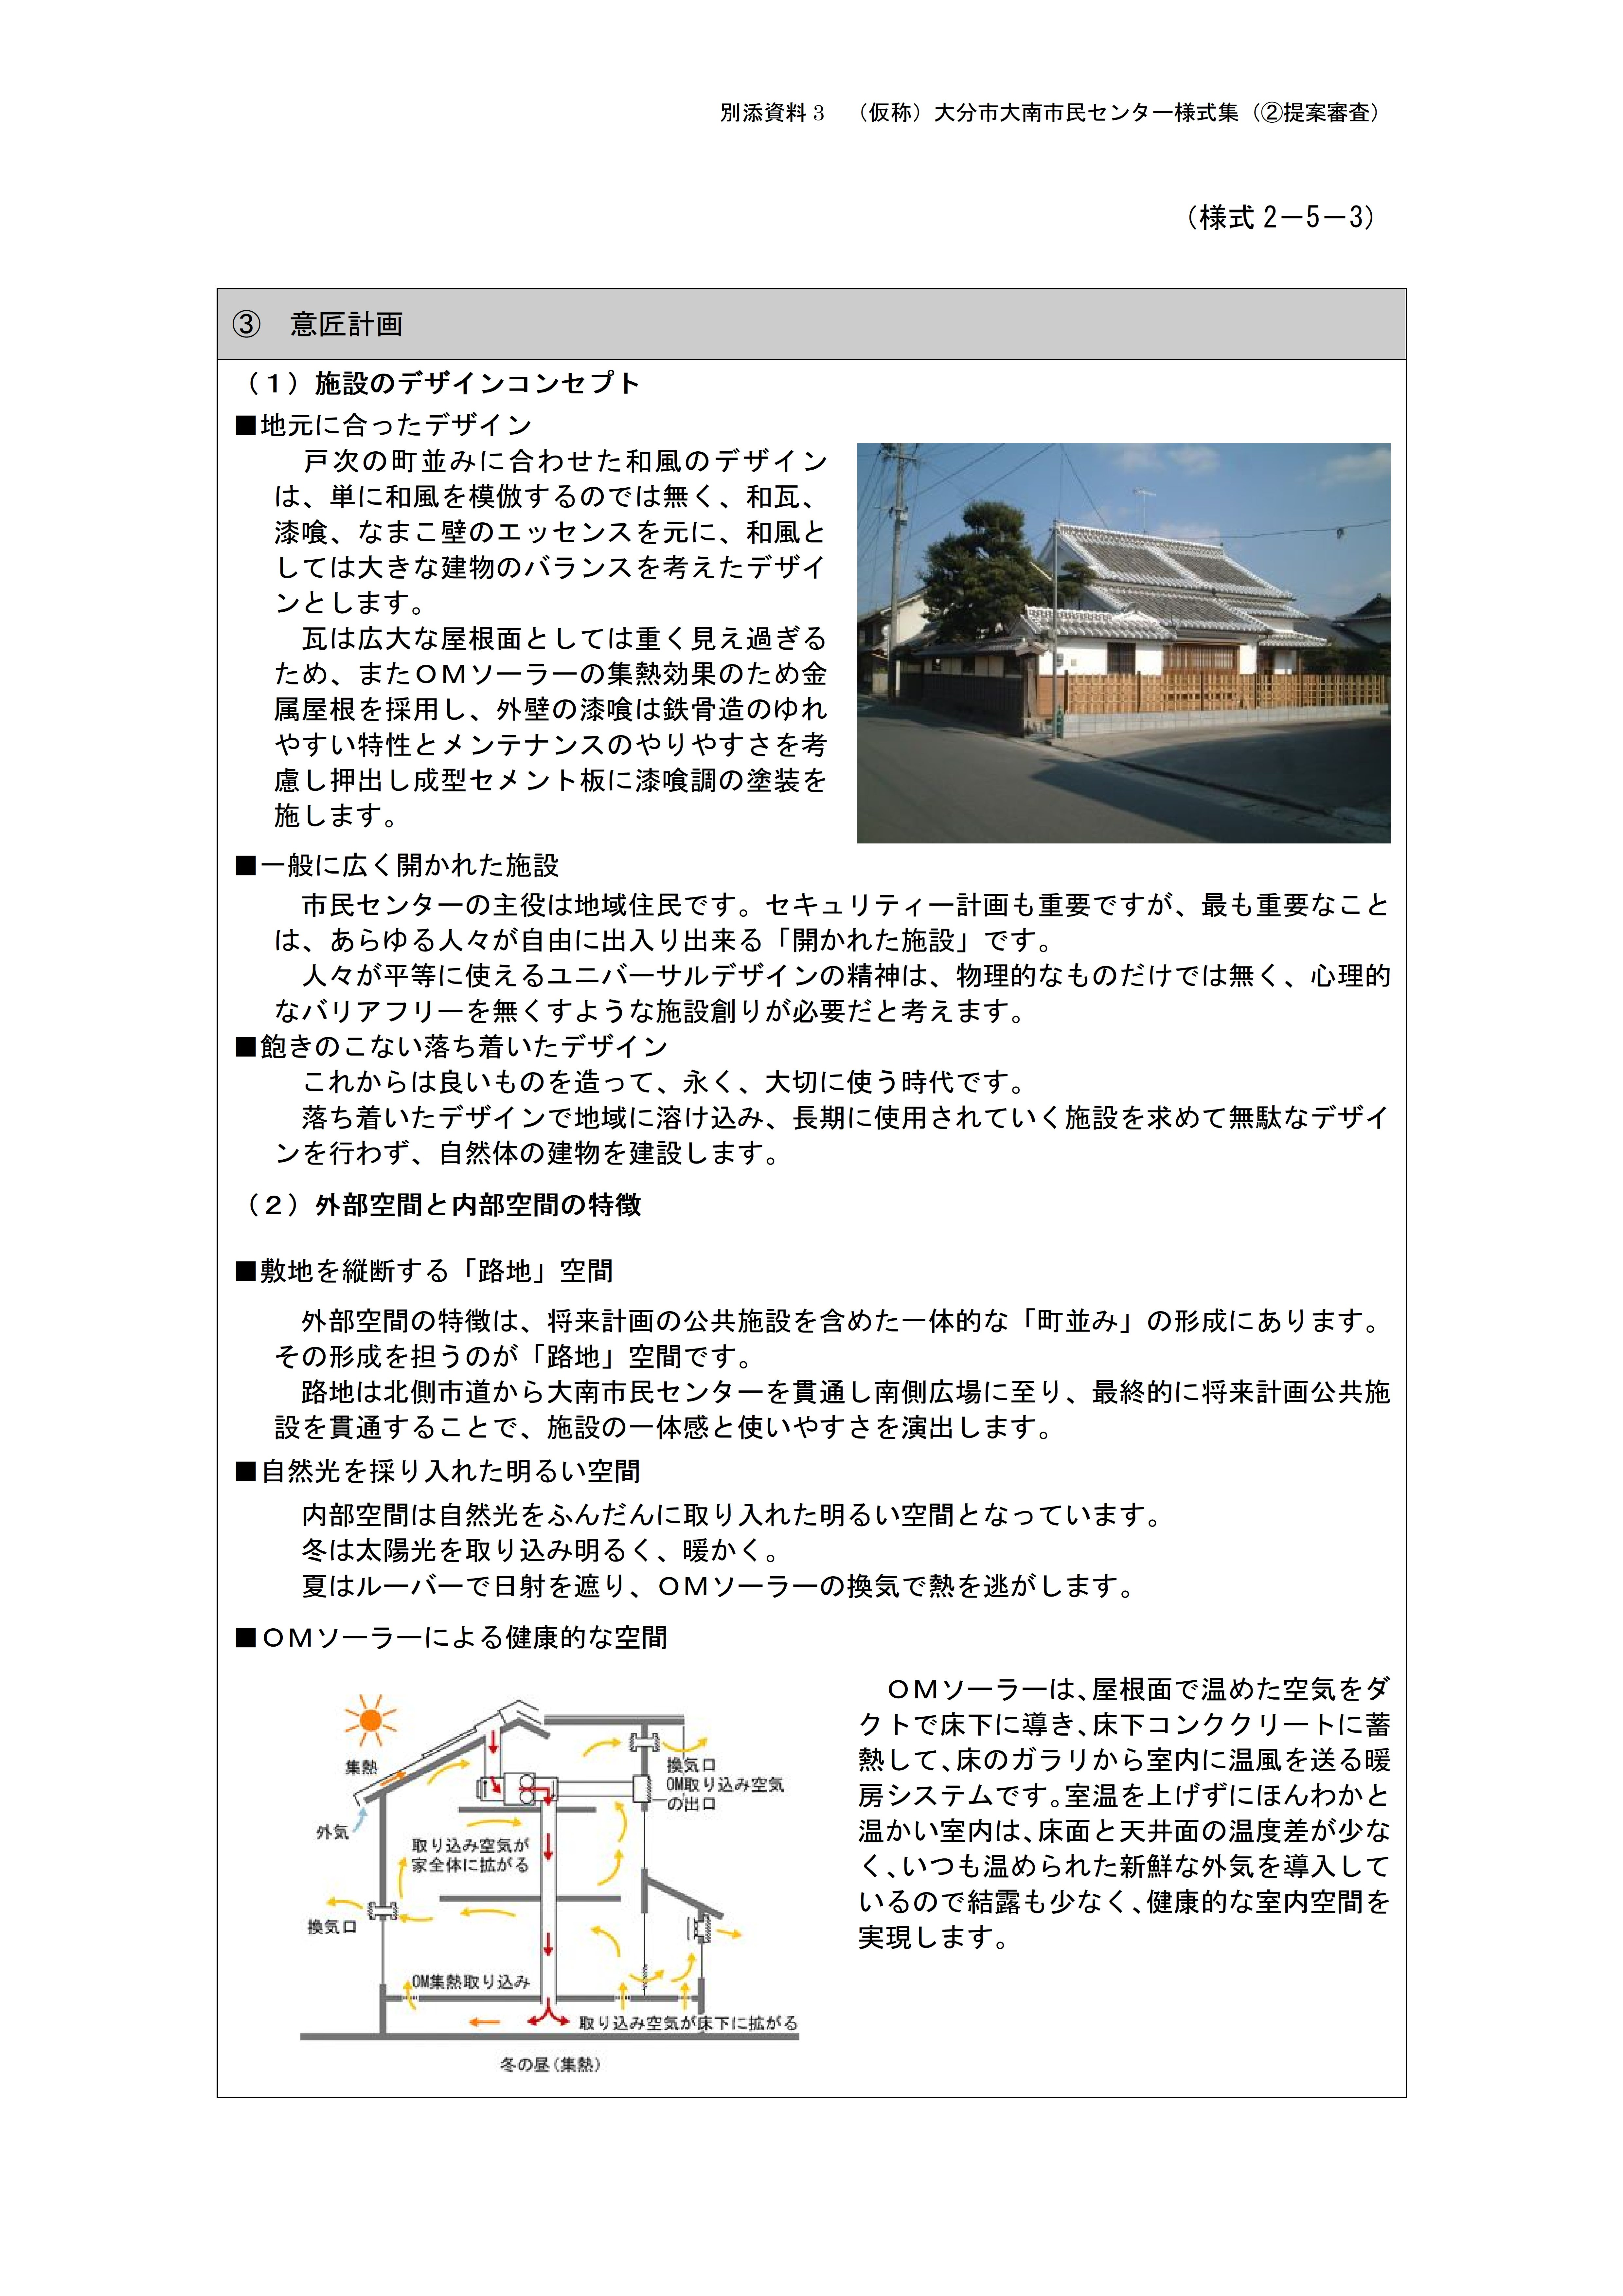 14 設計提出書類(最終)-5